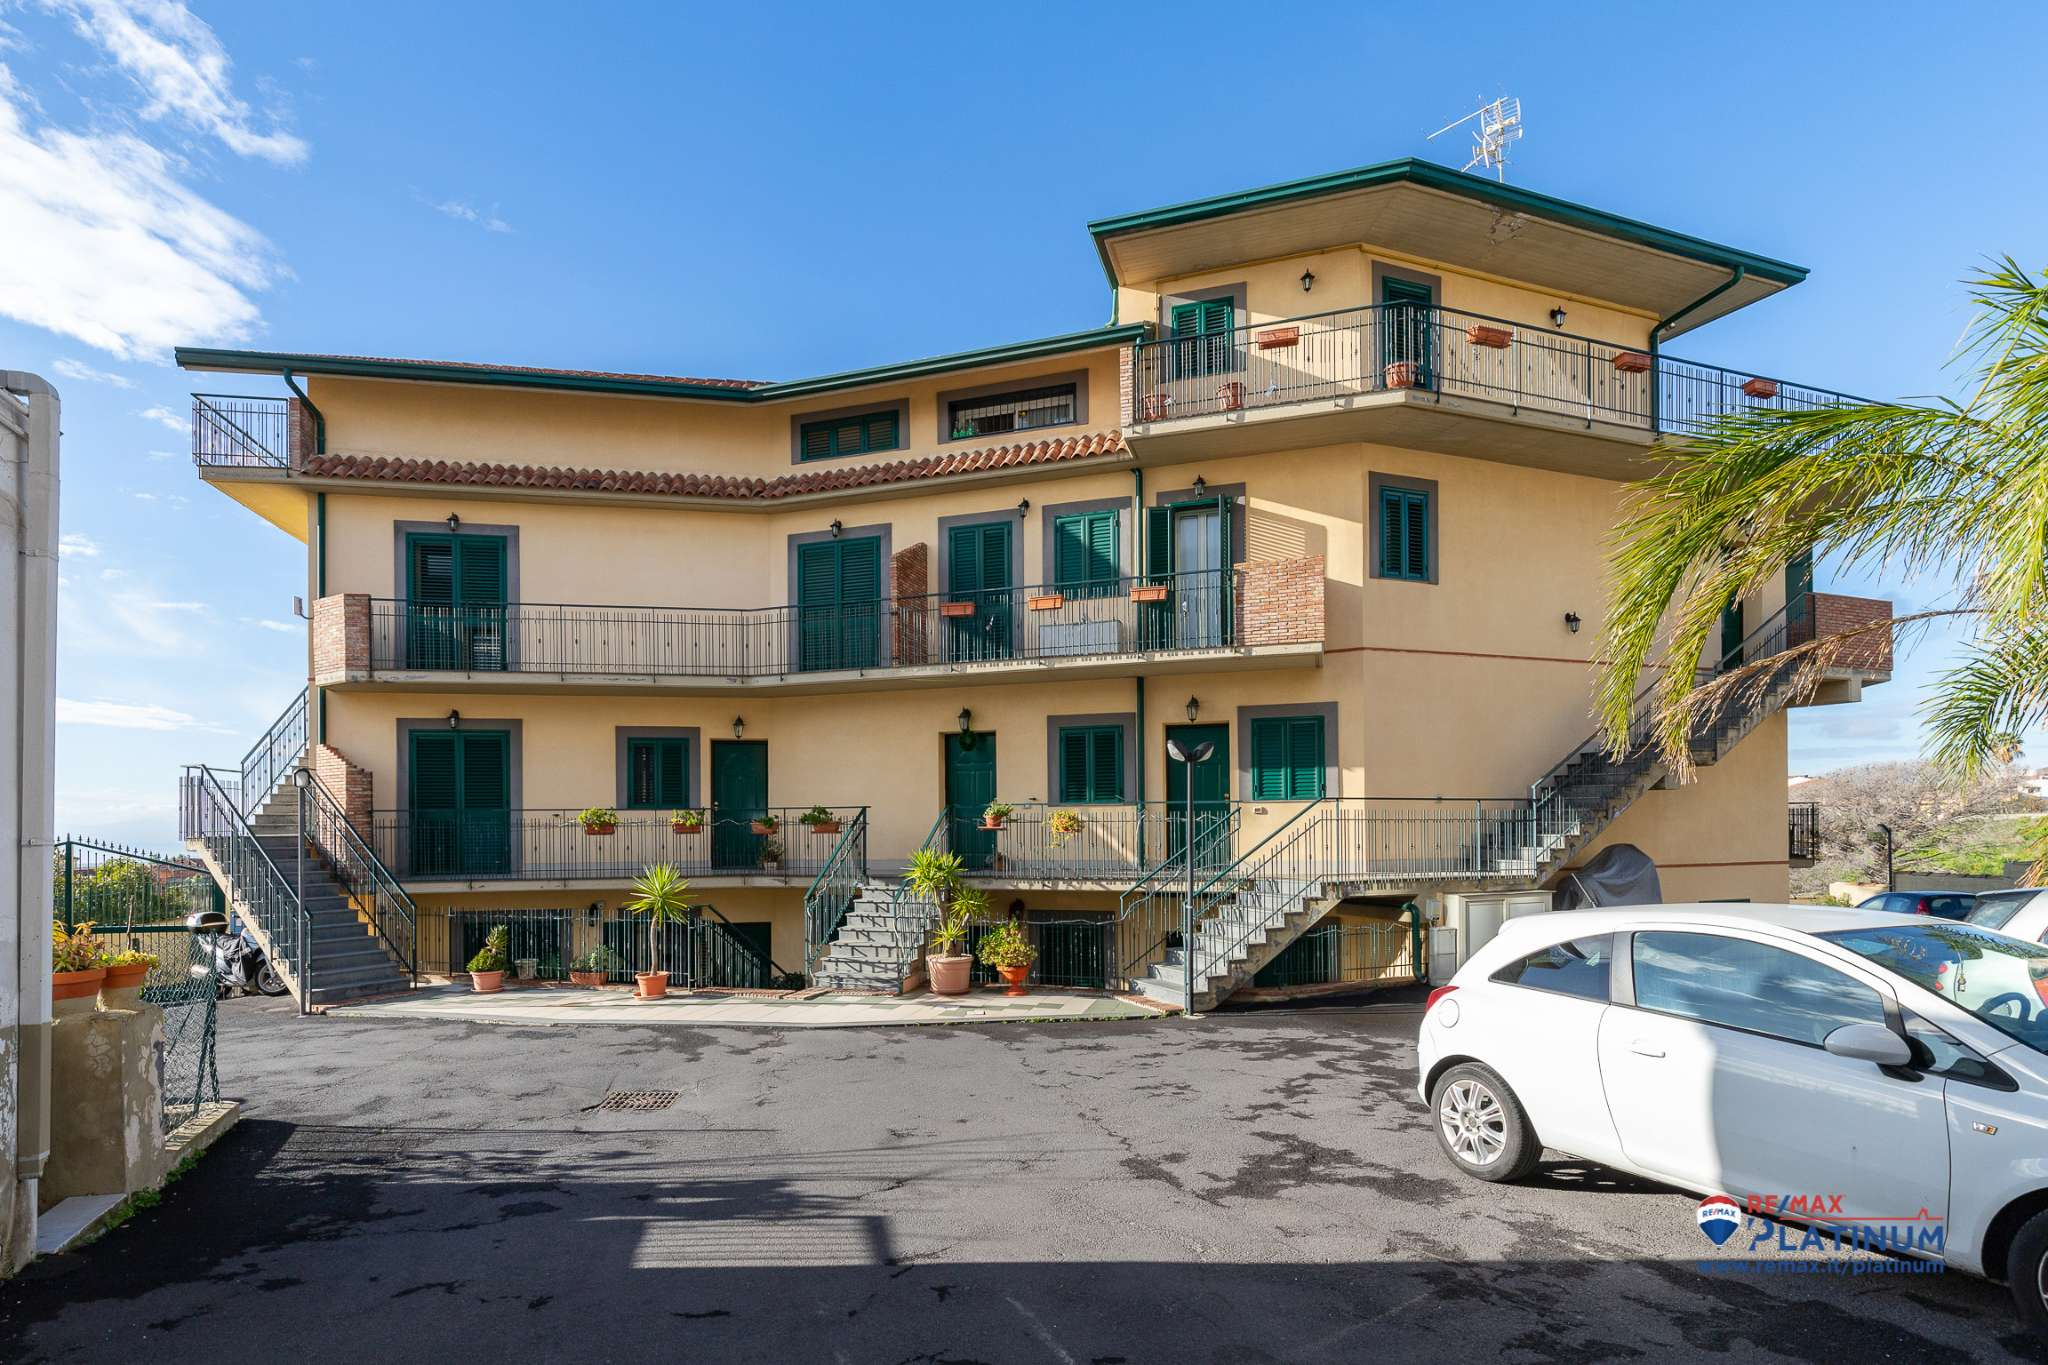 Appartamento in vendita a Catania, 4 locali, prezzo € 220.000 | PortaleAgenzieImmobiliari.it